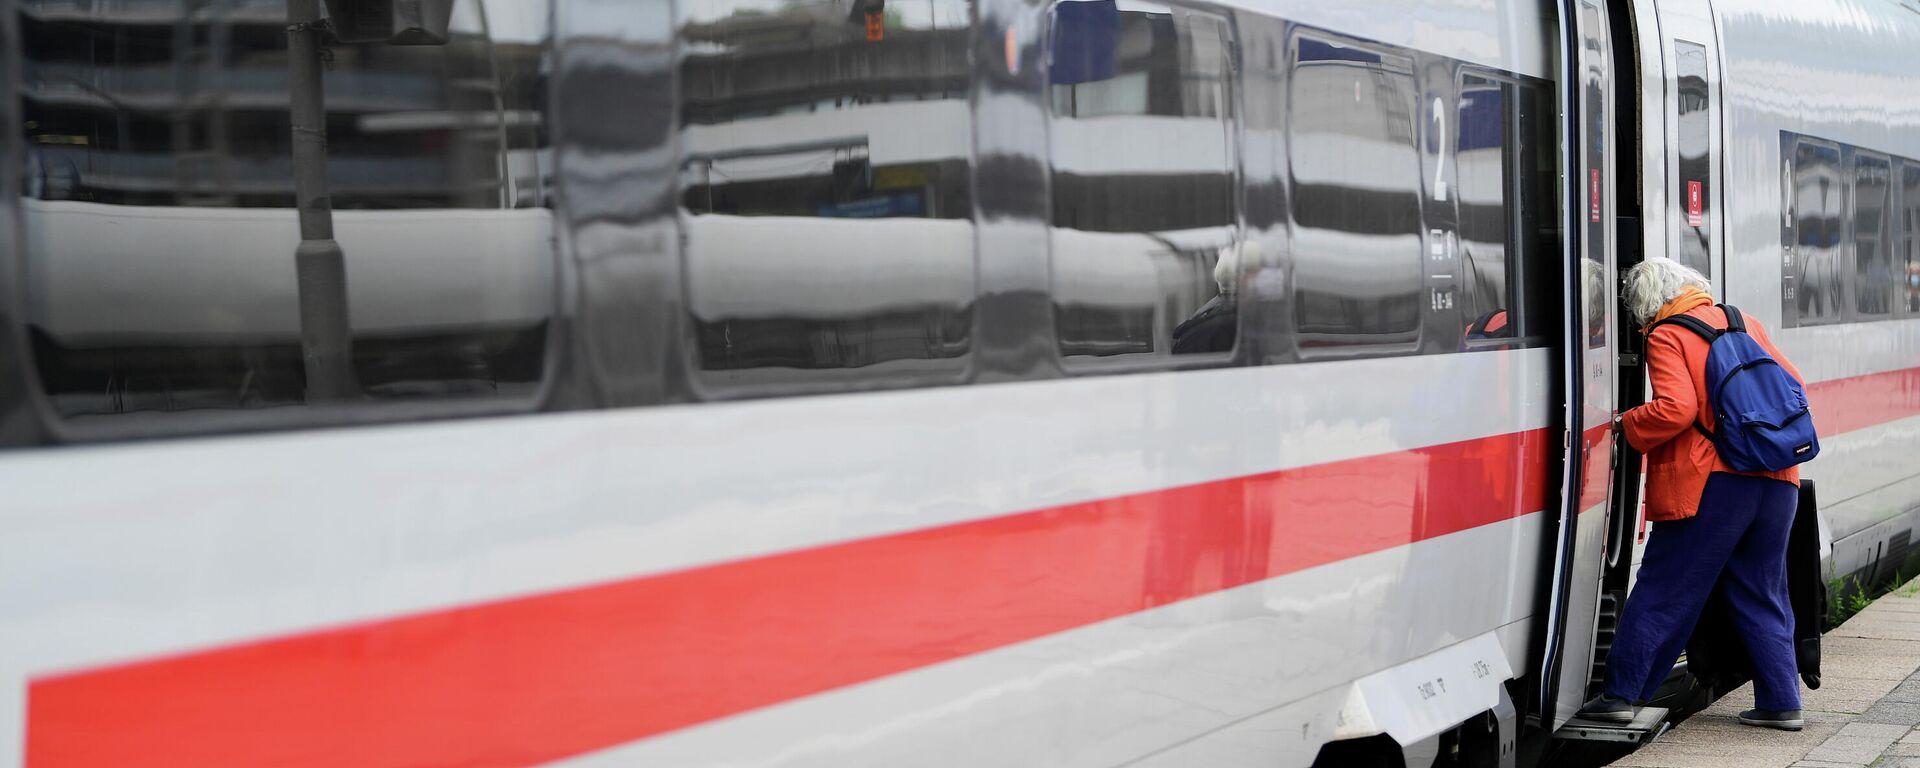 Ein PAssagier steigt  in einen ICE-Zug in Hamburg am  2. September 2021 - SNA, 1920, 25.09.2021